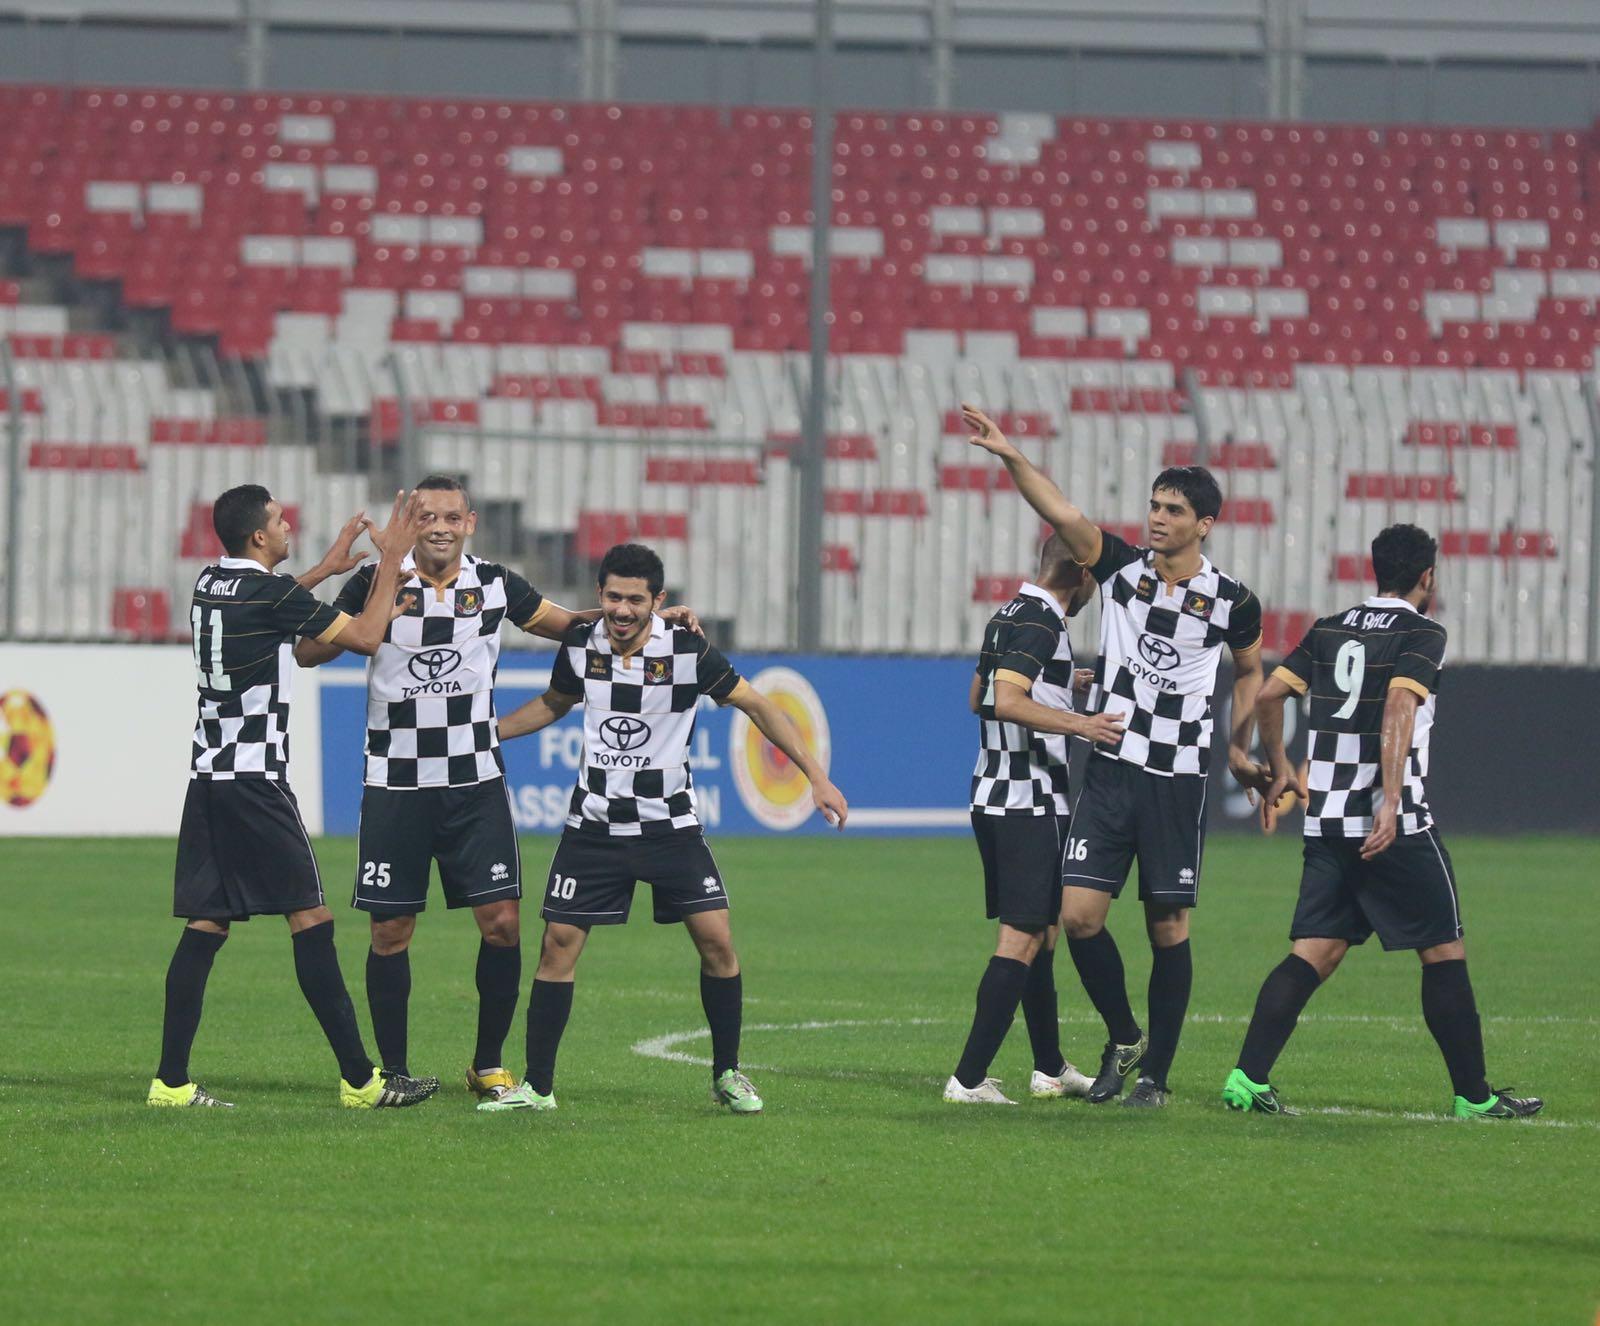 فرحة لاعبي الاهلي بالفوز والصعود لددور الثمانية في كأس الملك (تصوير - عيسى إبراهيم)